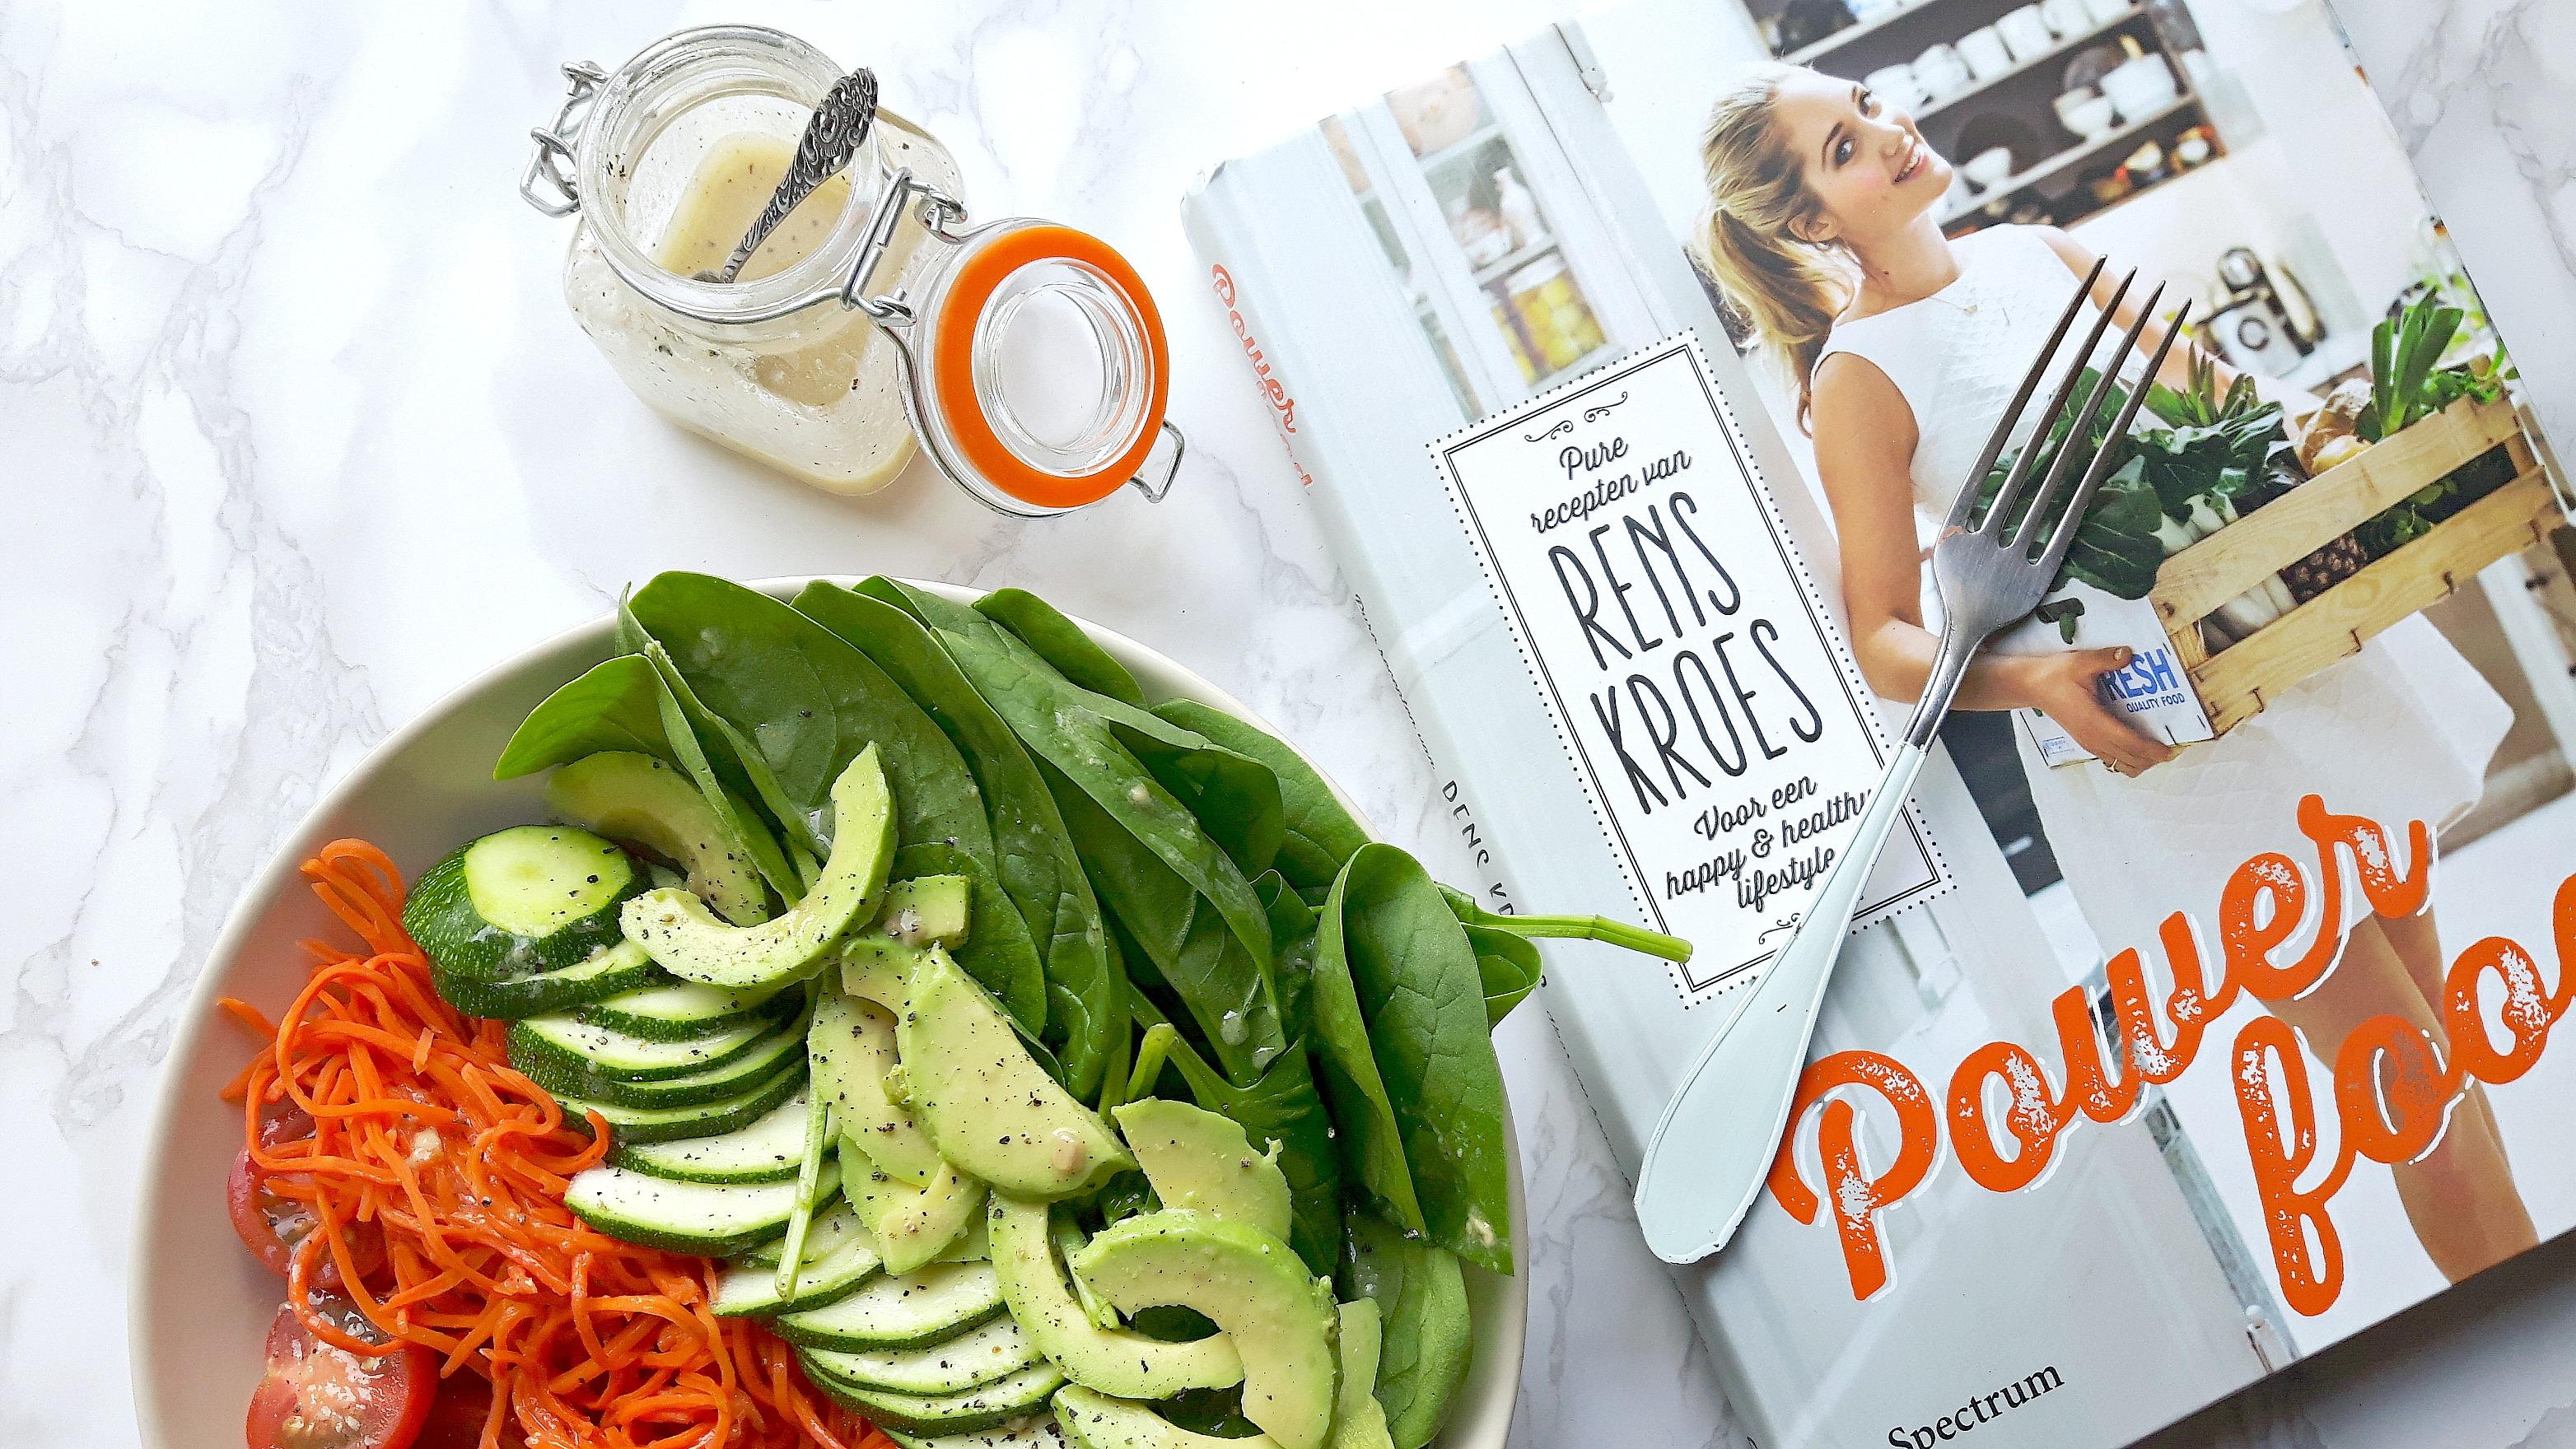 Eten volgens het boekje: Regenboogsalade van Rens Kroes